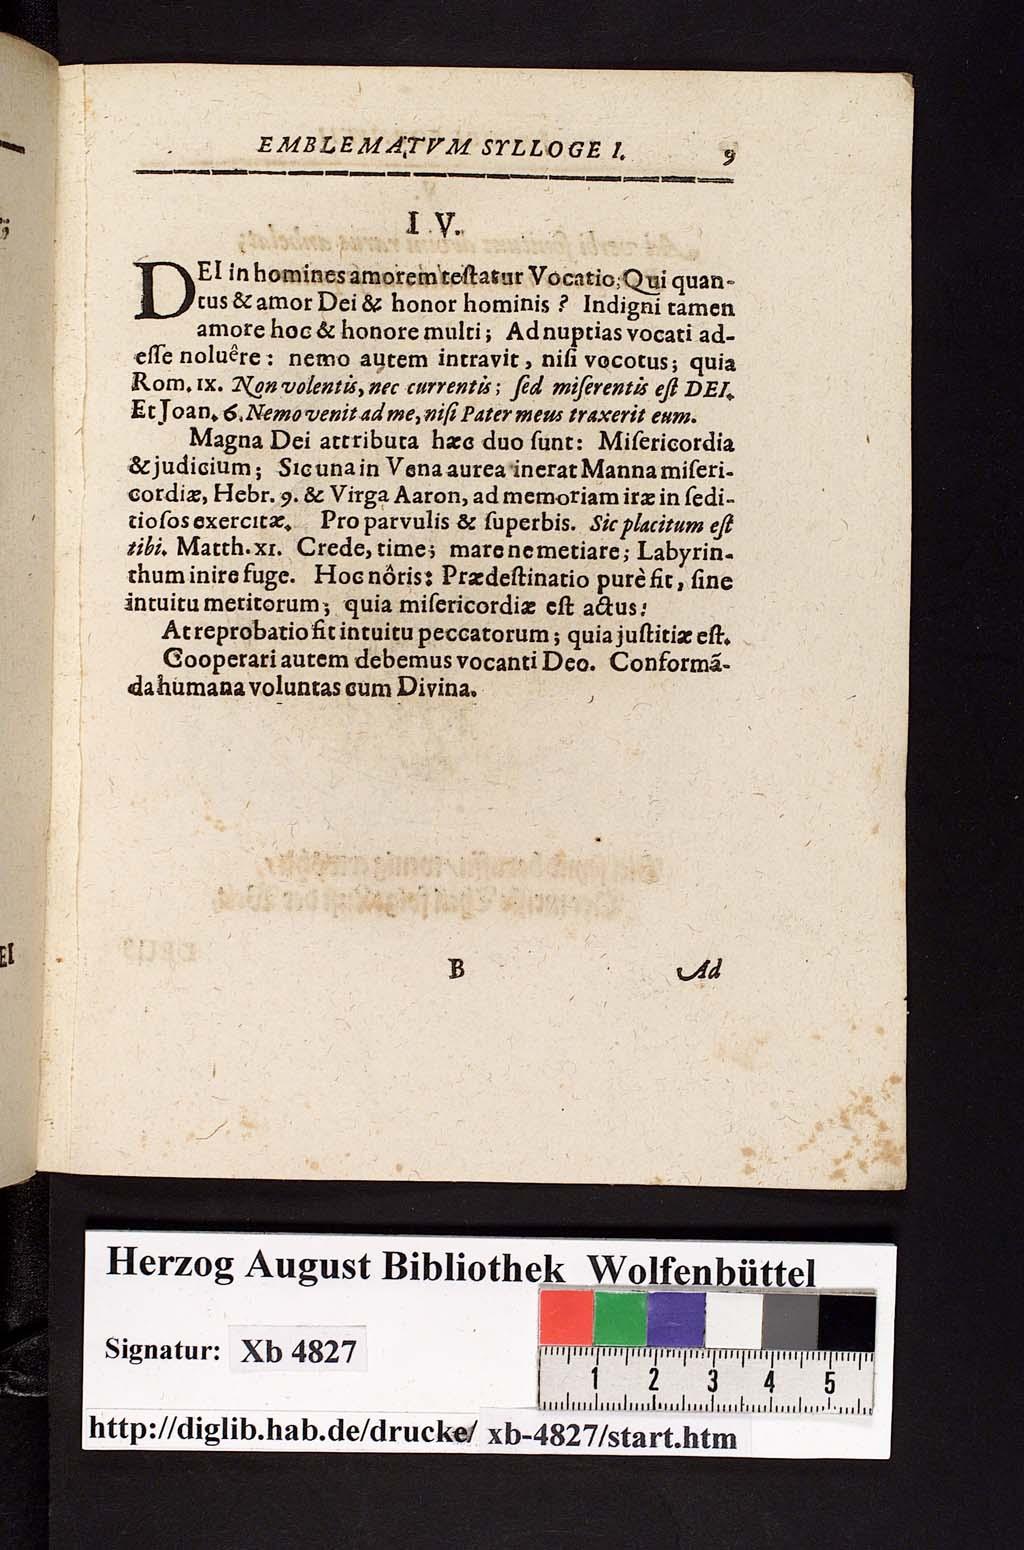 http://diglib.hab.de/drucke/xb-4827/00012.jpg